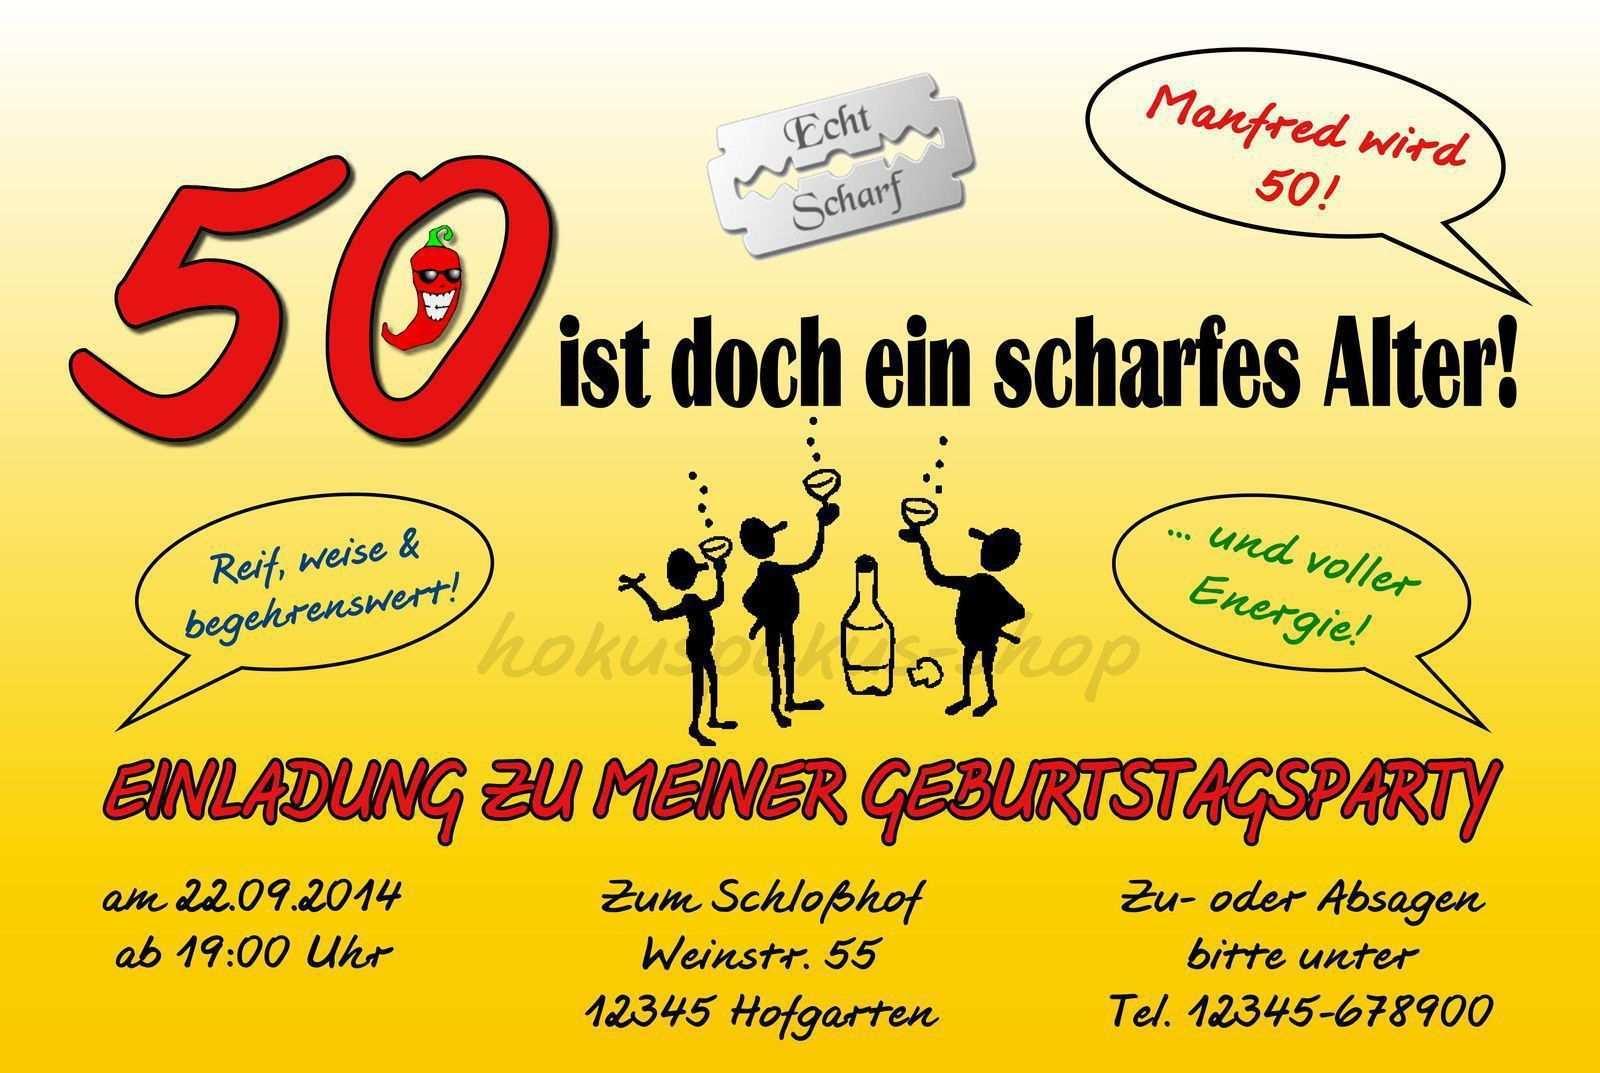 Geburtstag Einladungskarte Einladungskarten 50 Geburtstag Kostenlos Geburtstag Einladung 50 Geburtstag Einladung Geburtstag Einladung 50 Geburtstag Lustig